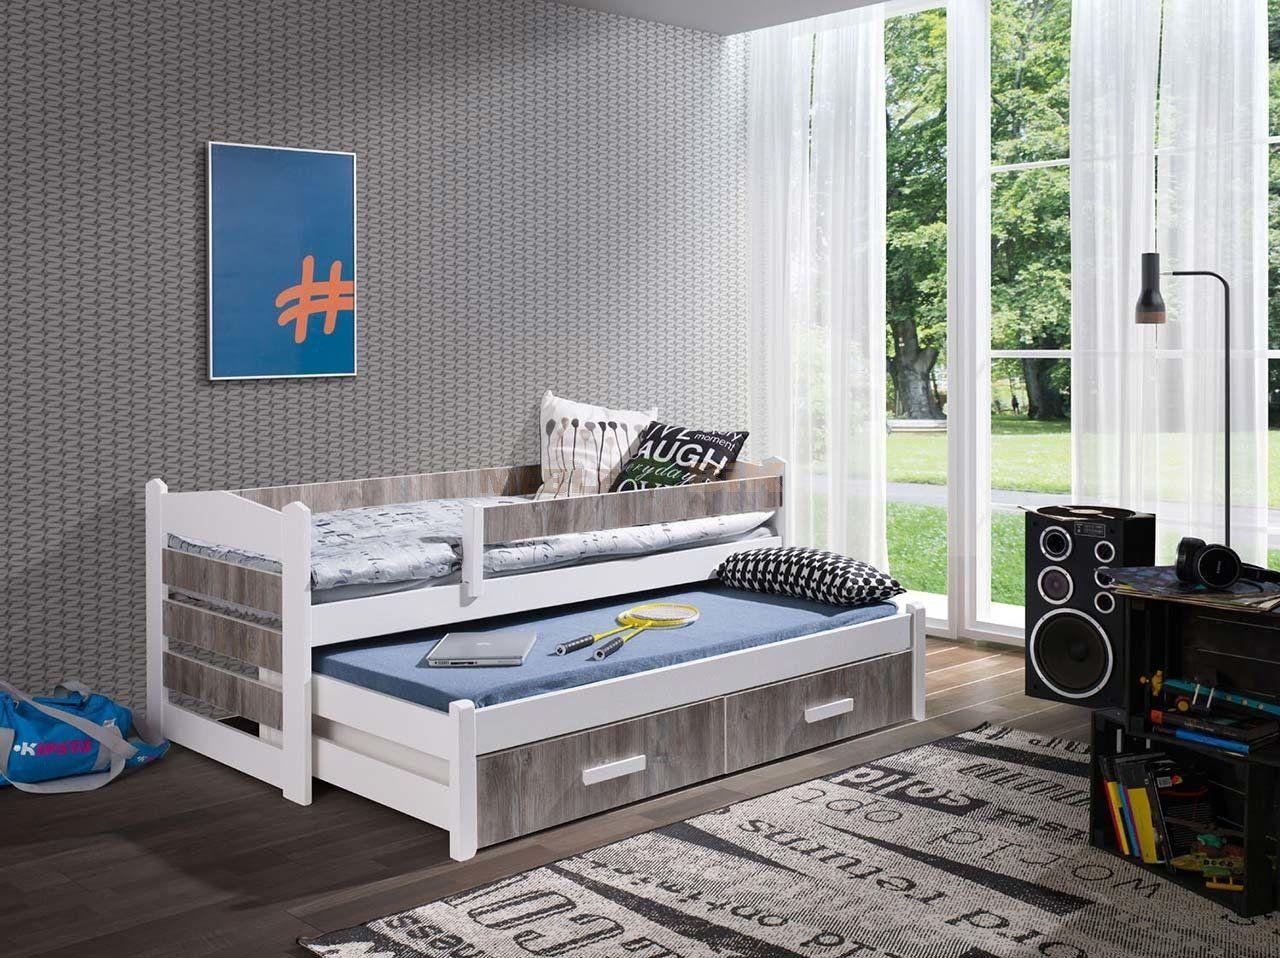 łóżko Piętrowe Niskie 2 Osobowe Z Barierką Do Pokoju